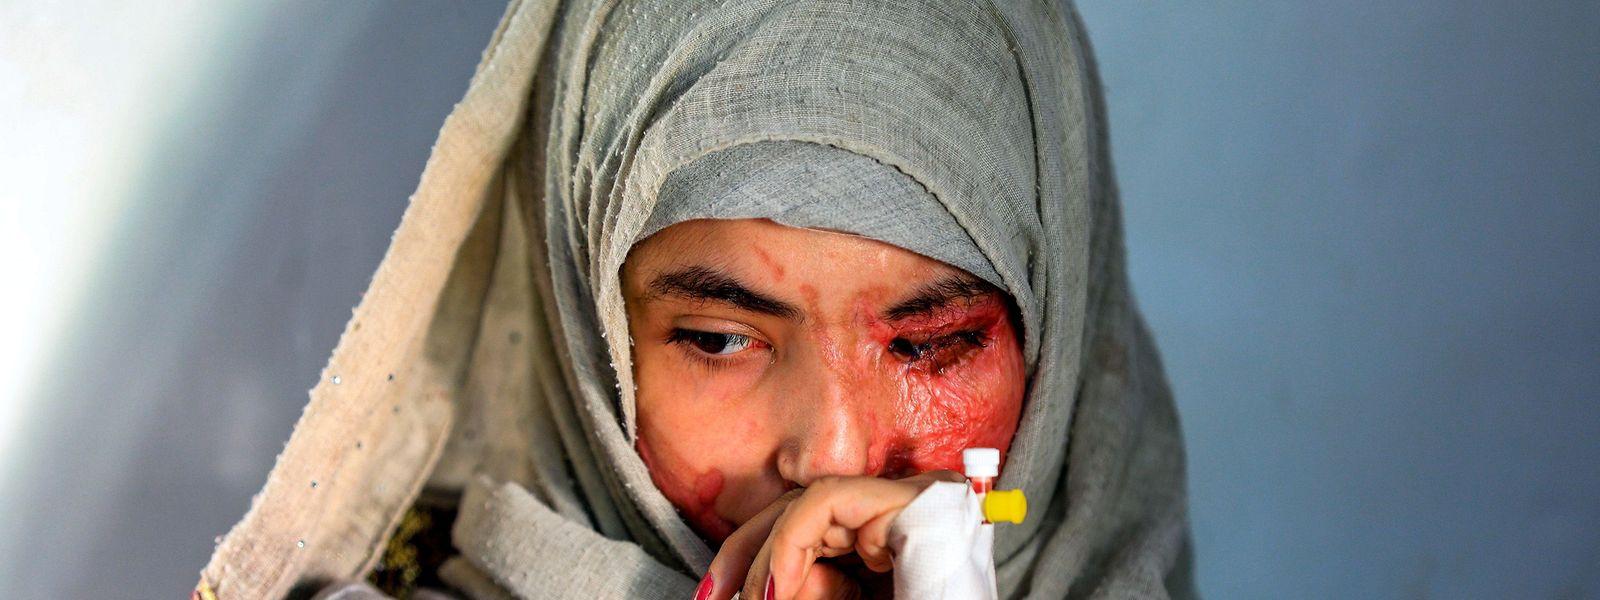 Die Zivilbevölkerung im Jemen muss während des Bürgerkrieges entsetzliches Leid ertragen.